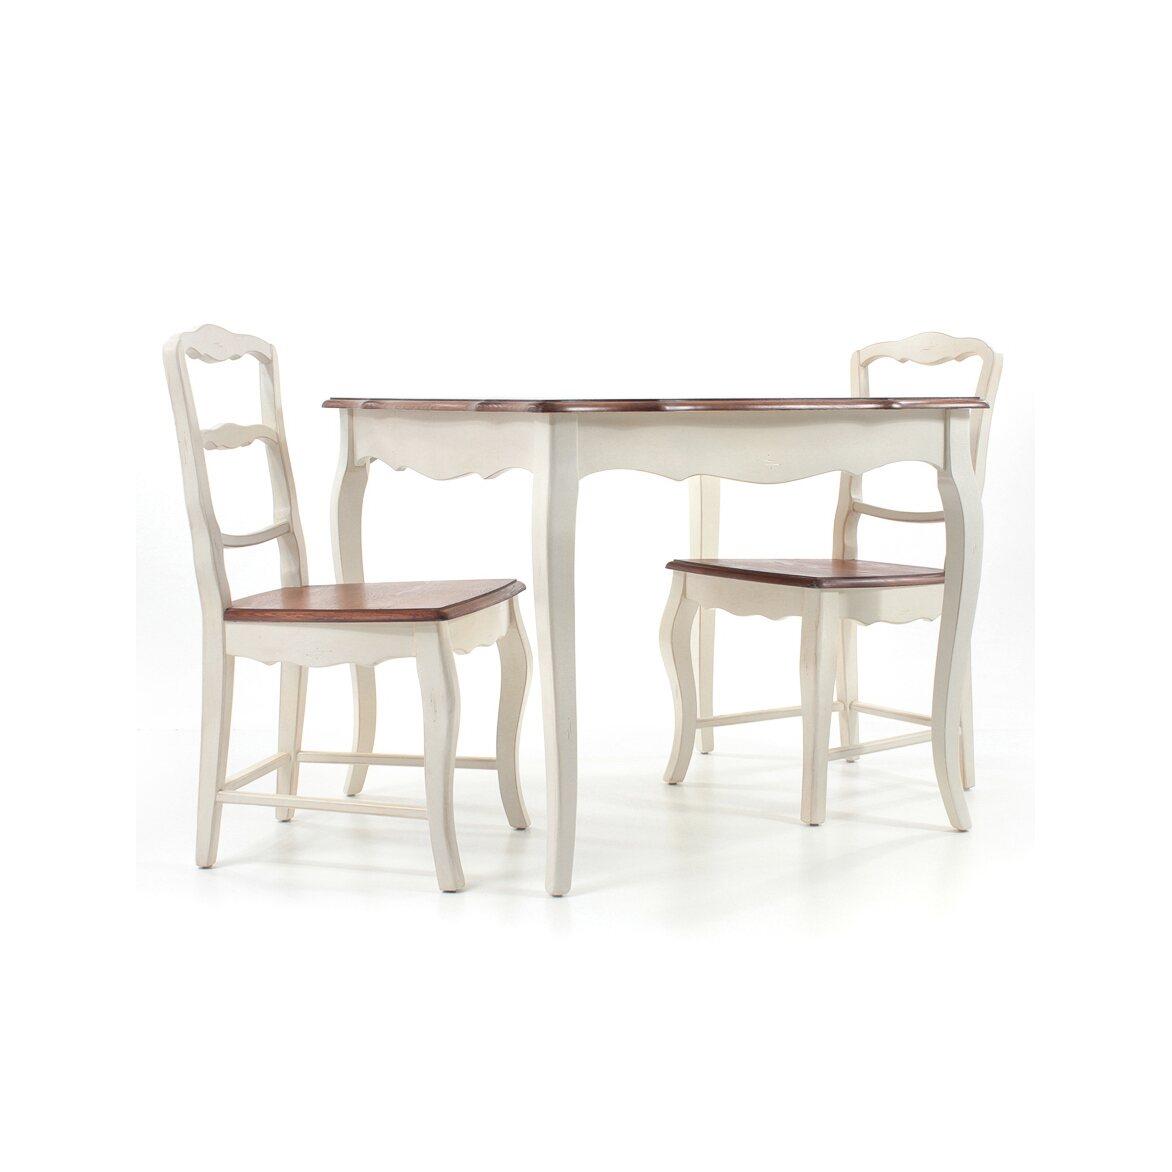 Круглый обеденный стол (большой) Leontina, бежевого цвета 7 | Обеденные столы Kingsby